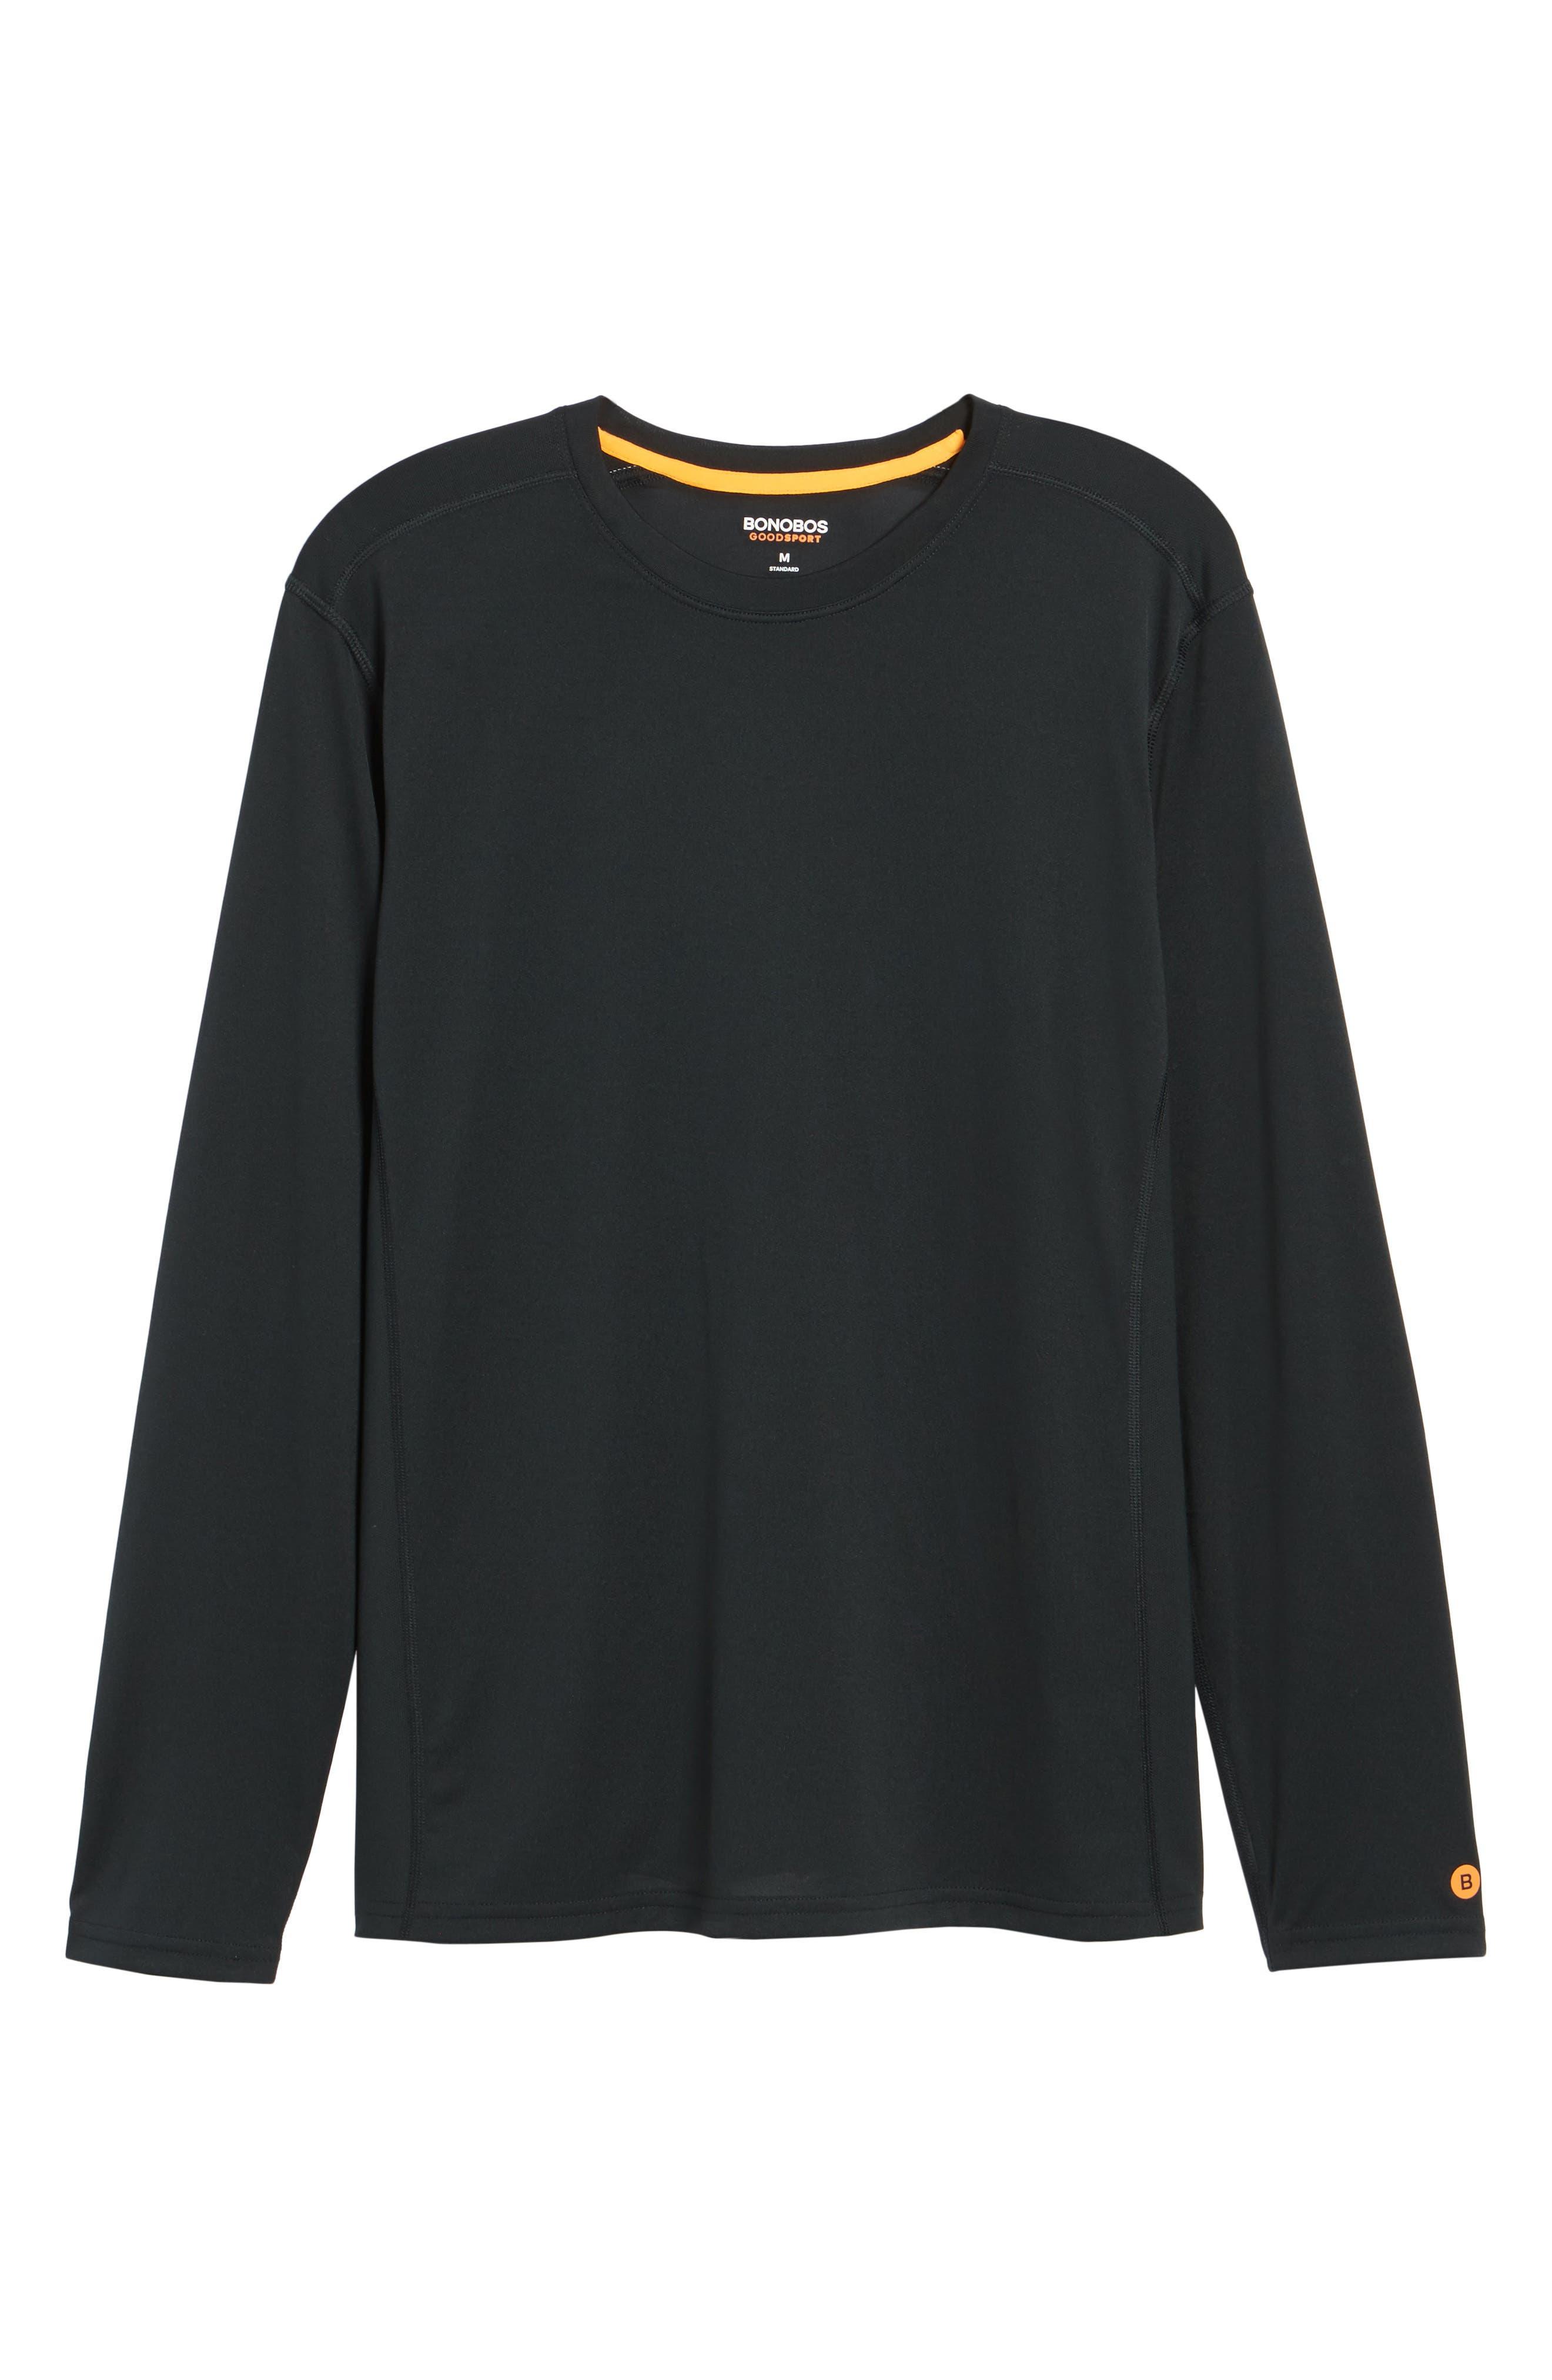 Goodsport T-Shirt,                             Alternate thumbnail 6, color,                             JET BLACK